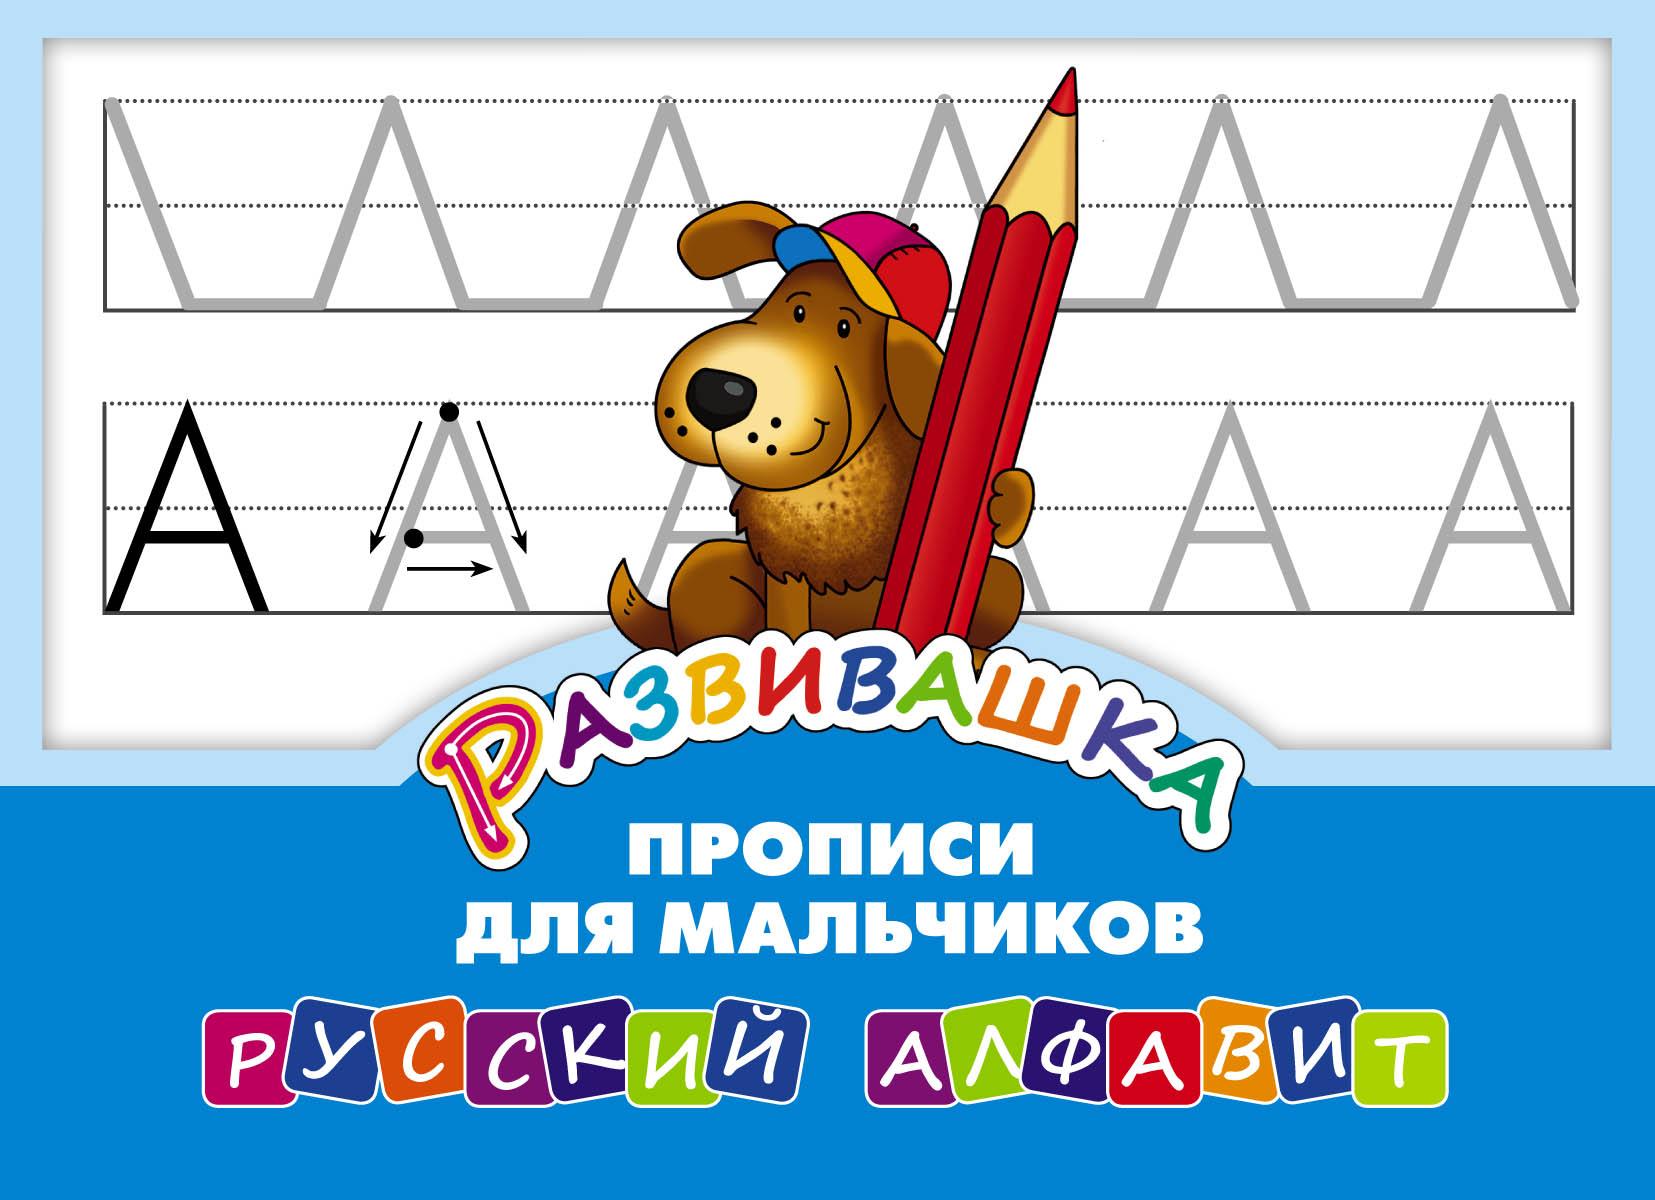 Развивашка. Прописи для мальчиков. Русский алфавит прописи для мальчиков наклейки